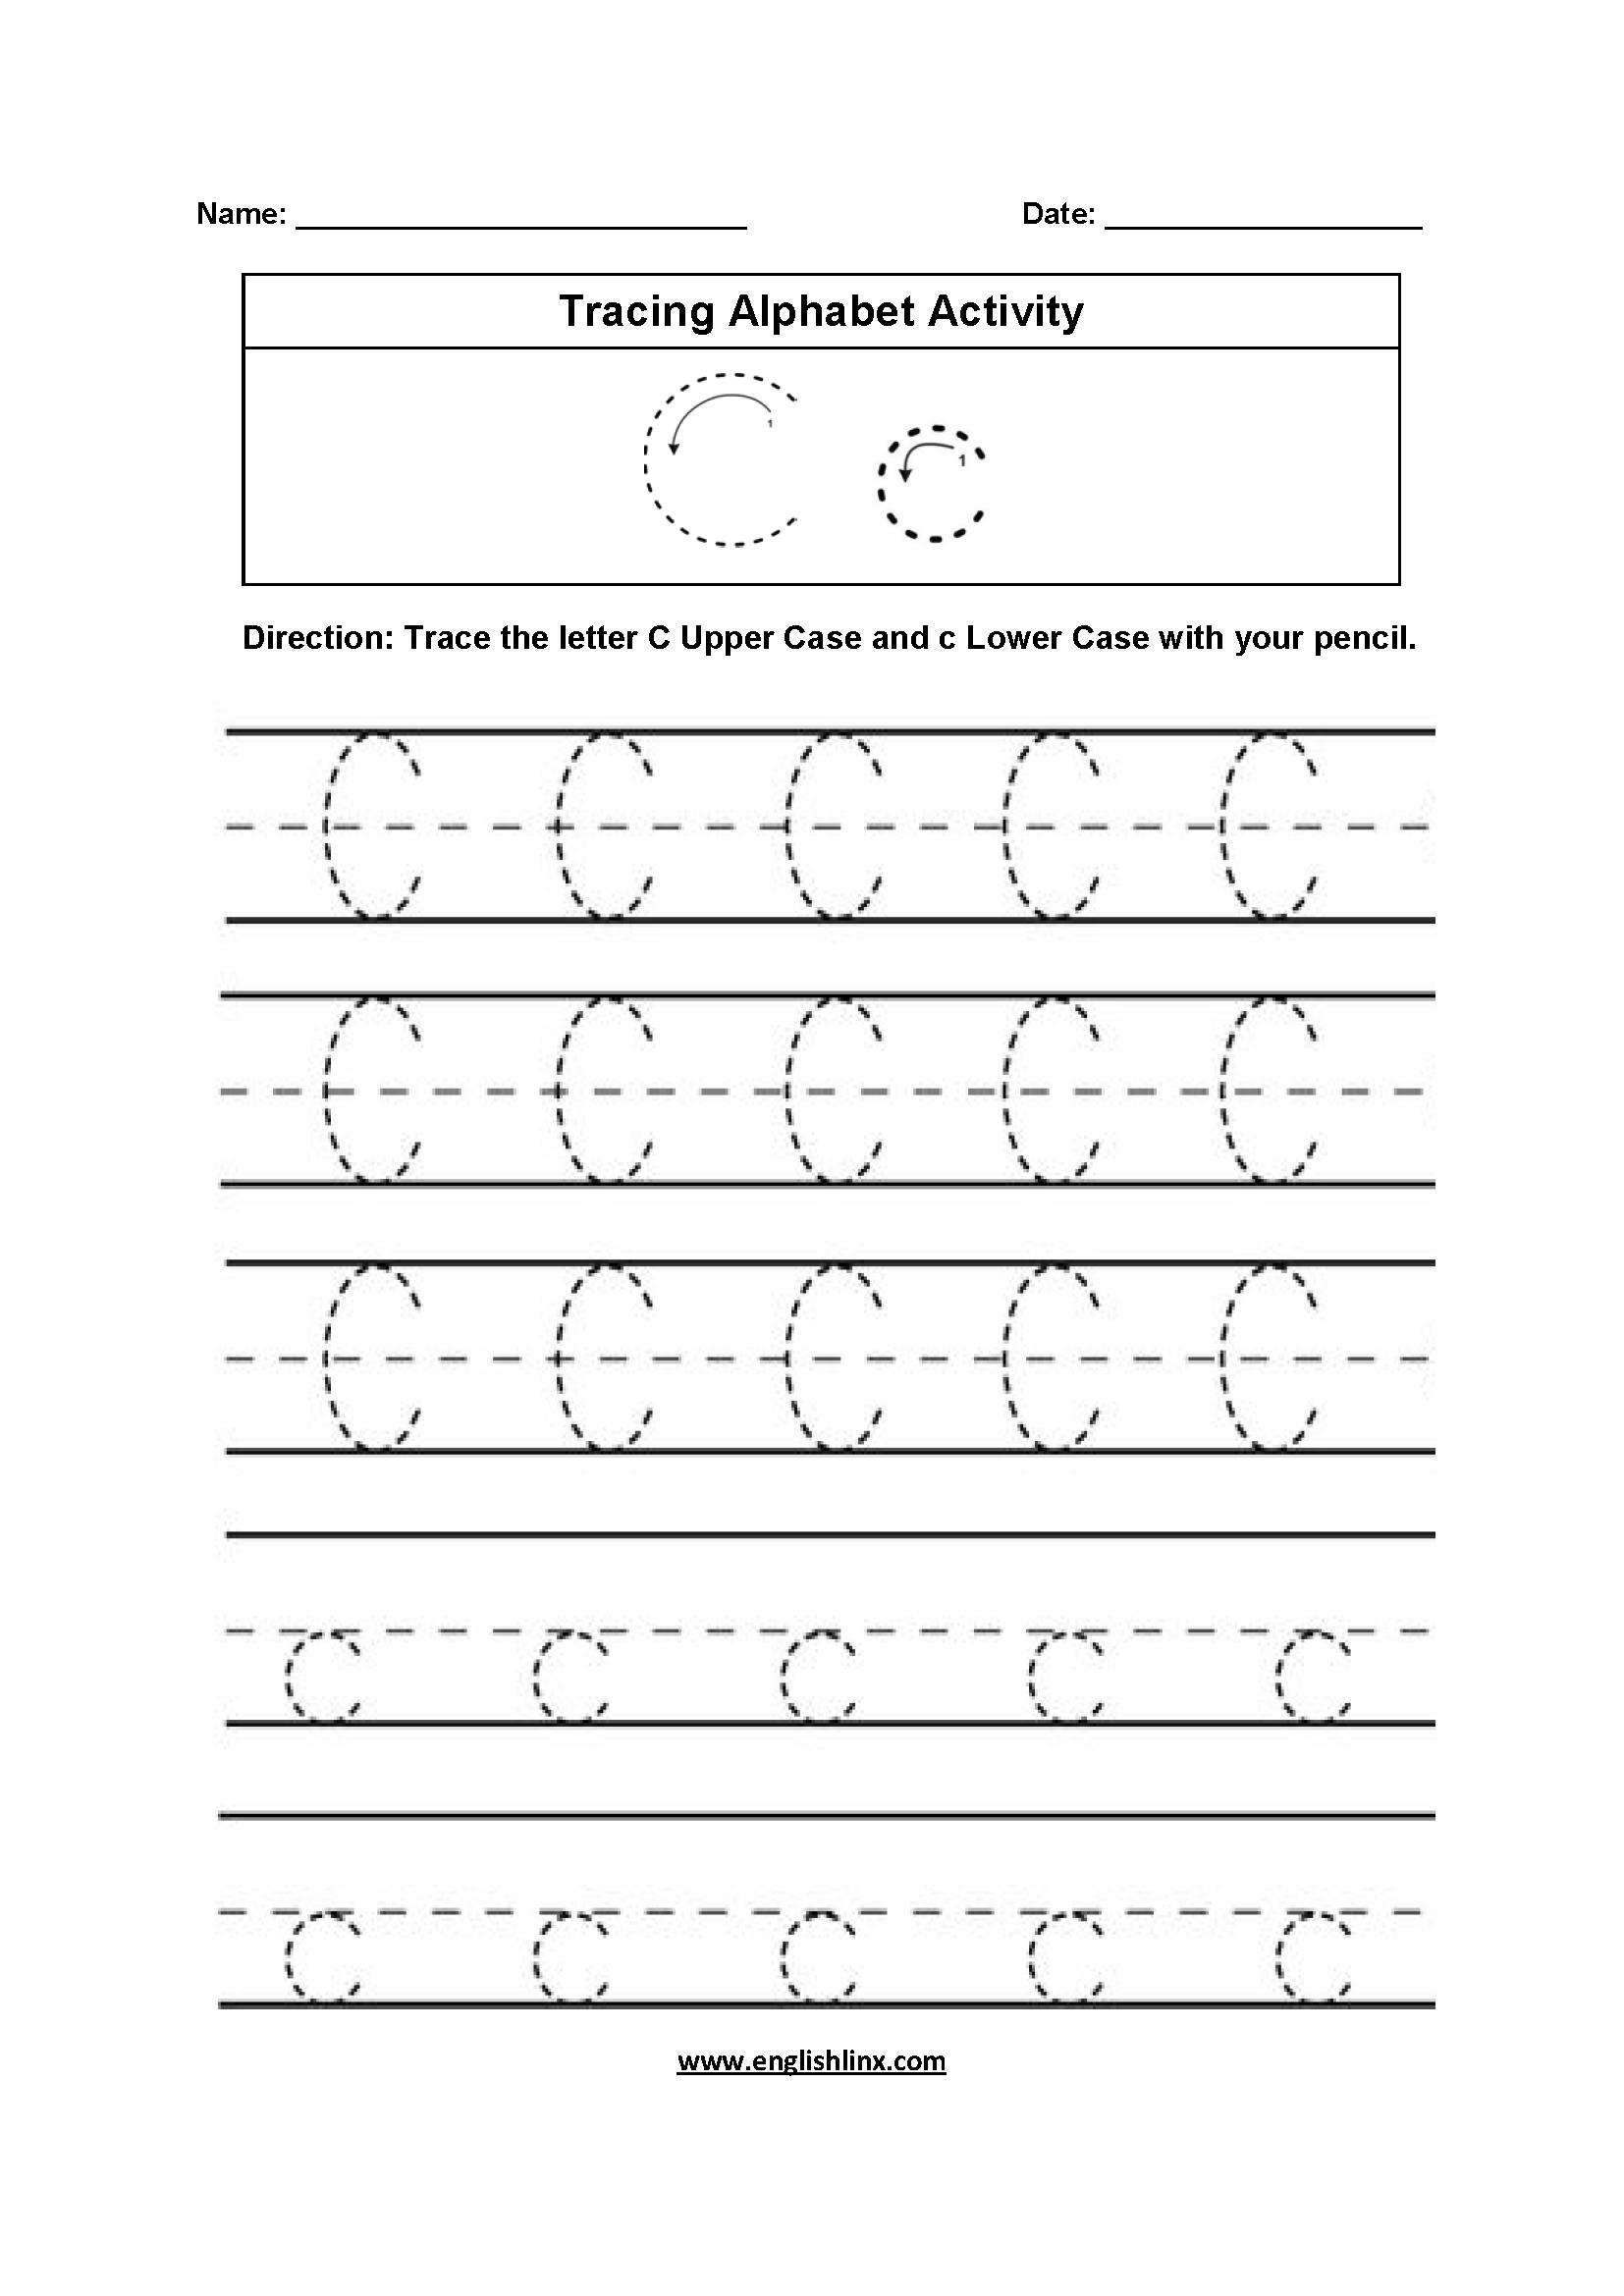 Alphabet Worksheets | Tracing Alphabet Worksheets inside Tracing Alphabet Letters